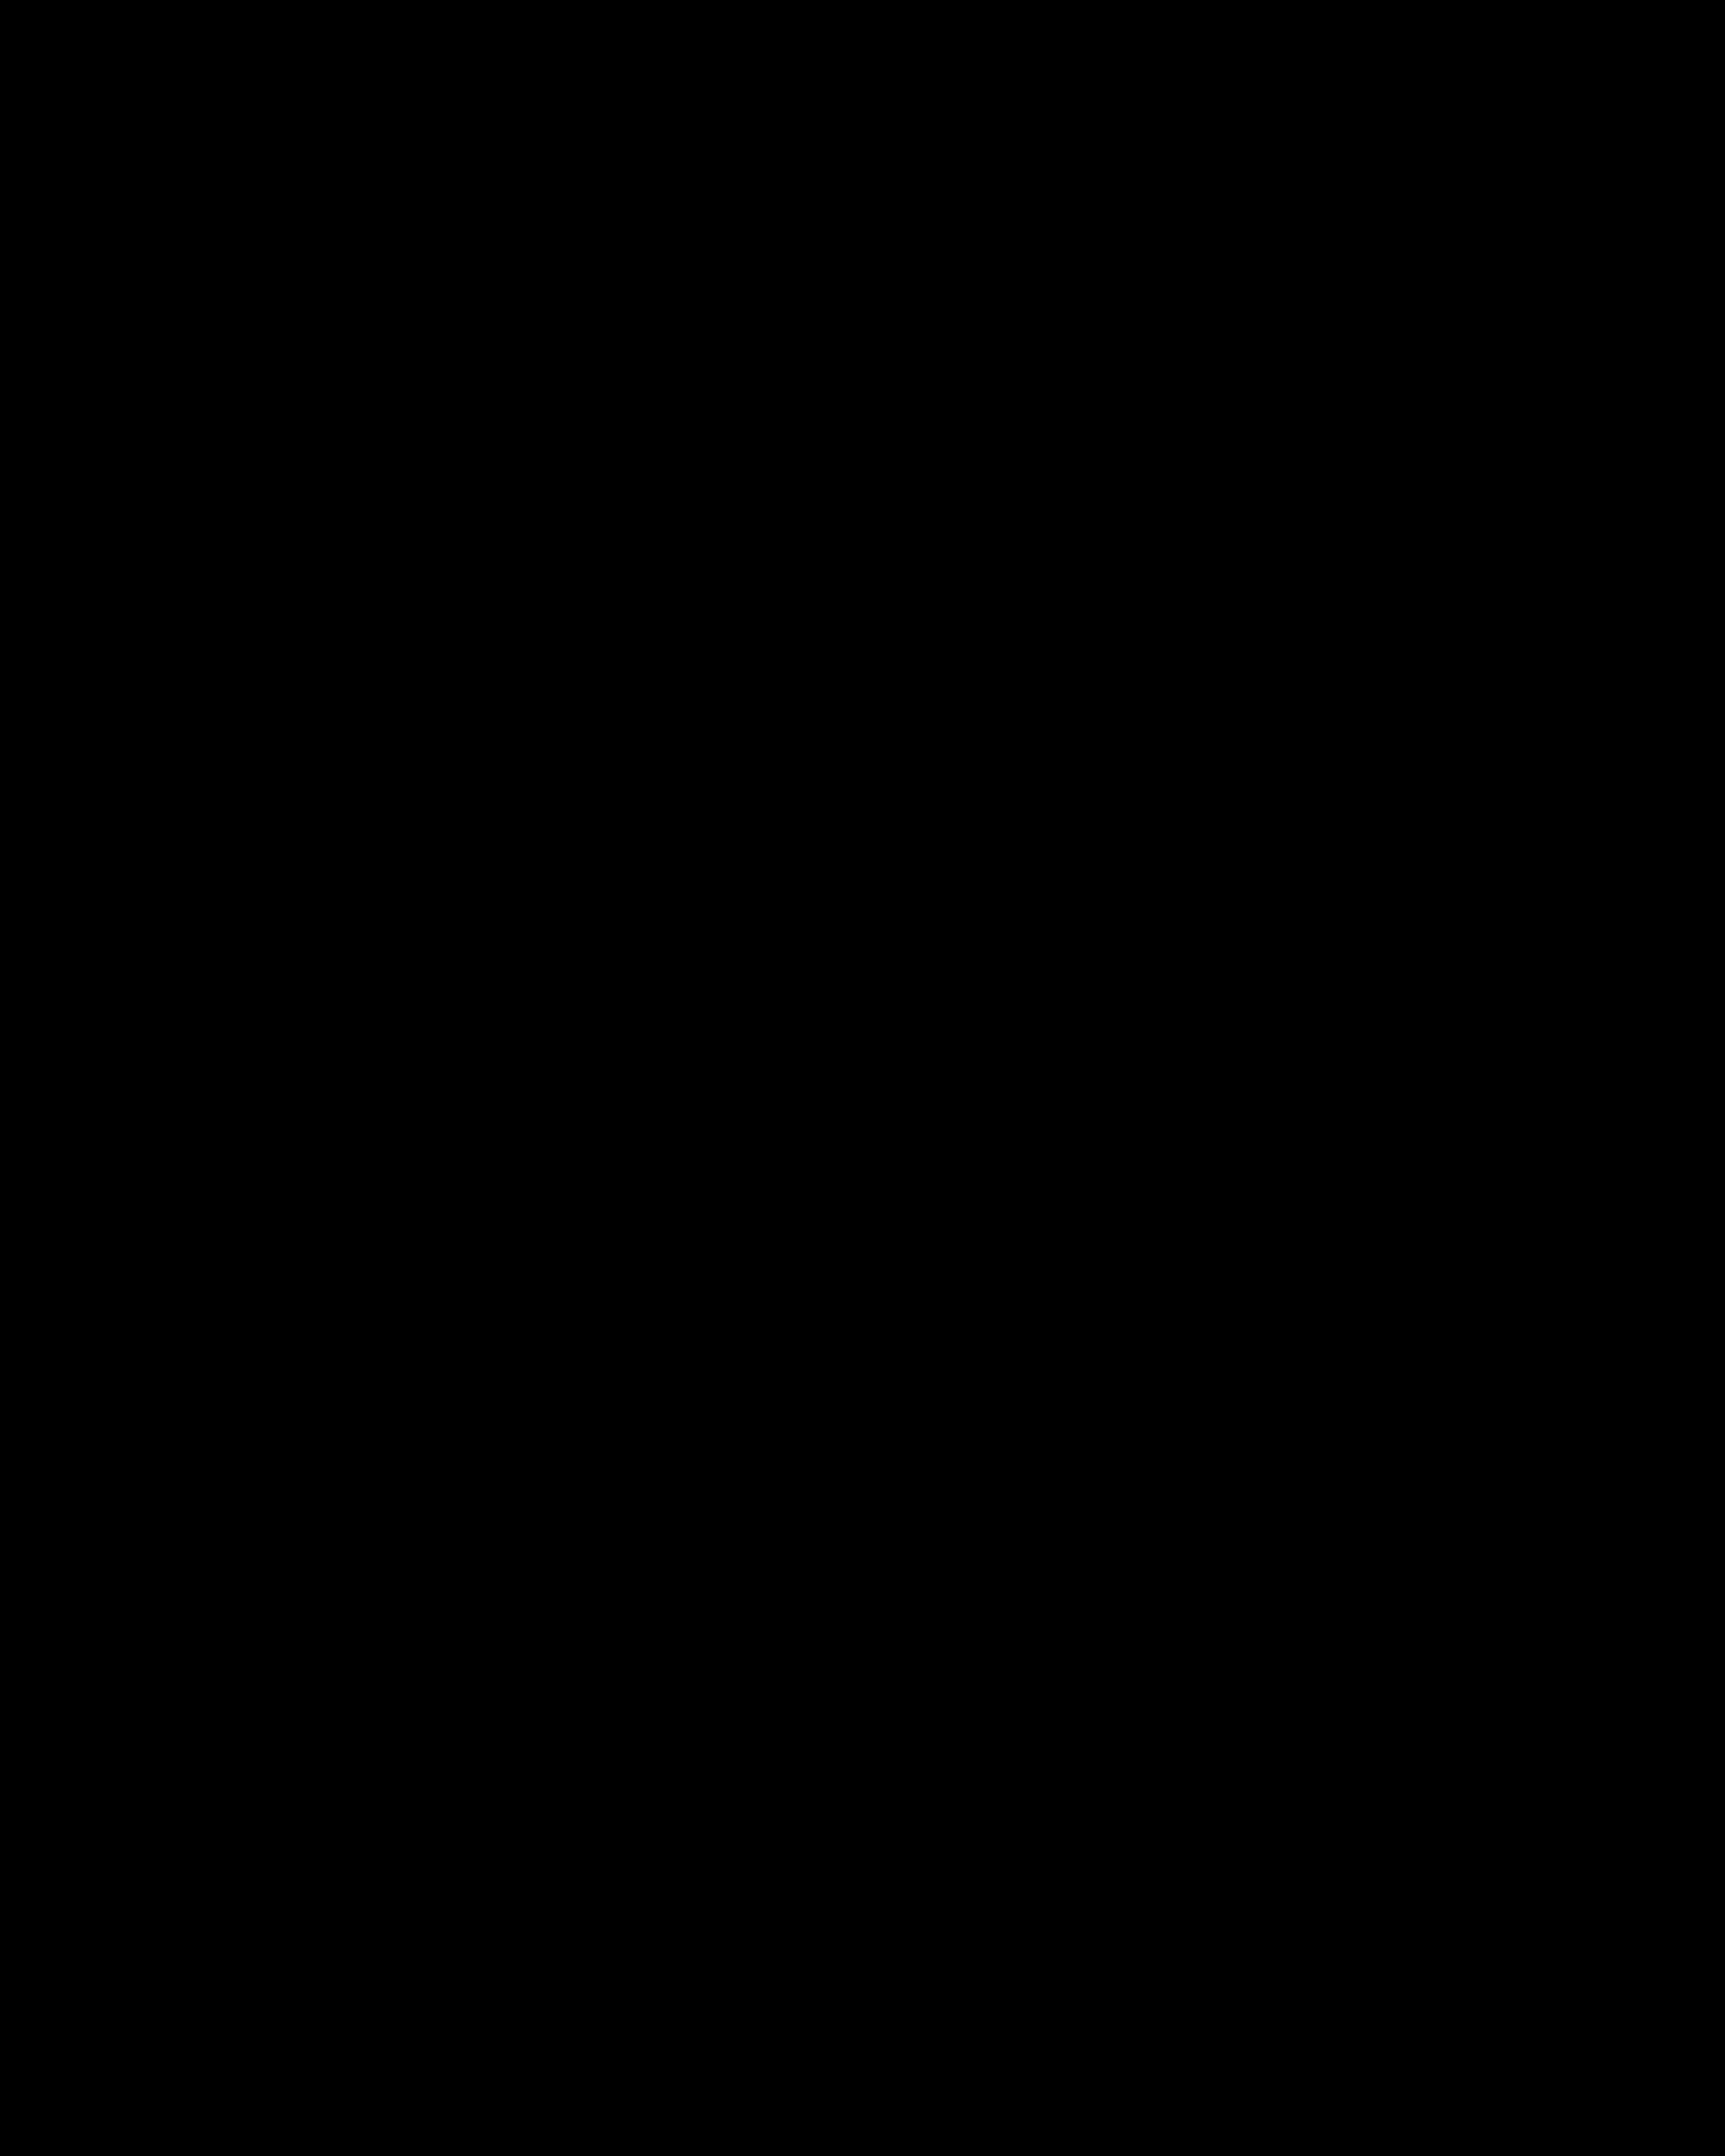 Prime ortho & Shoulder Care